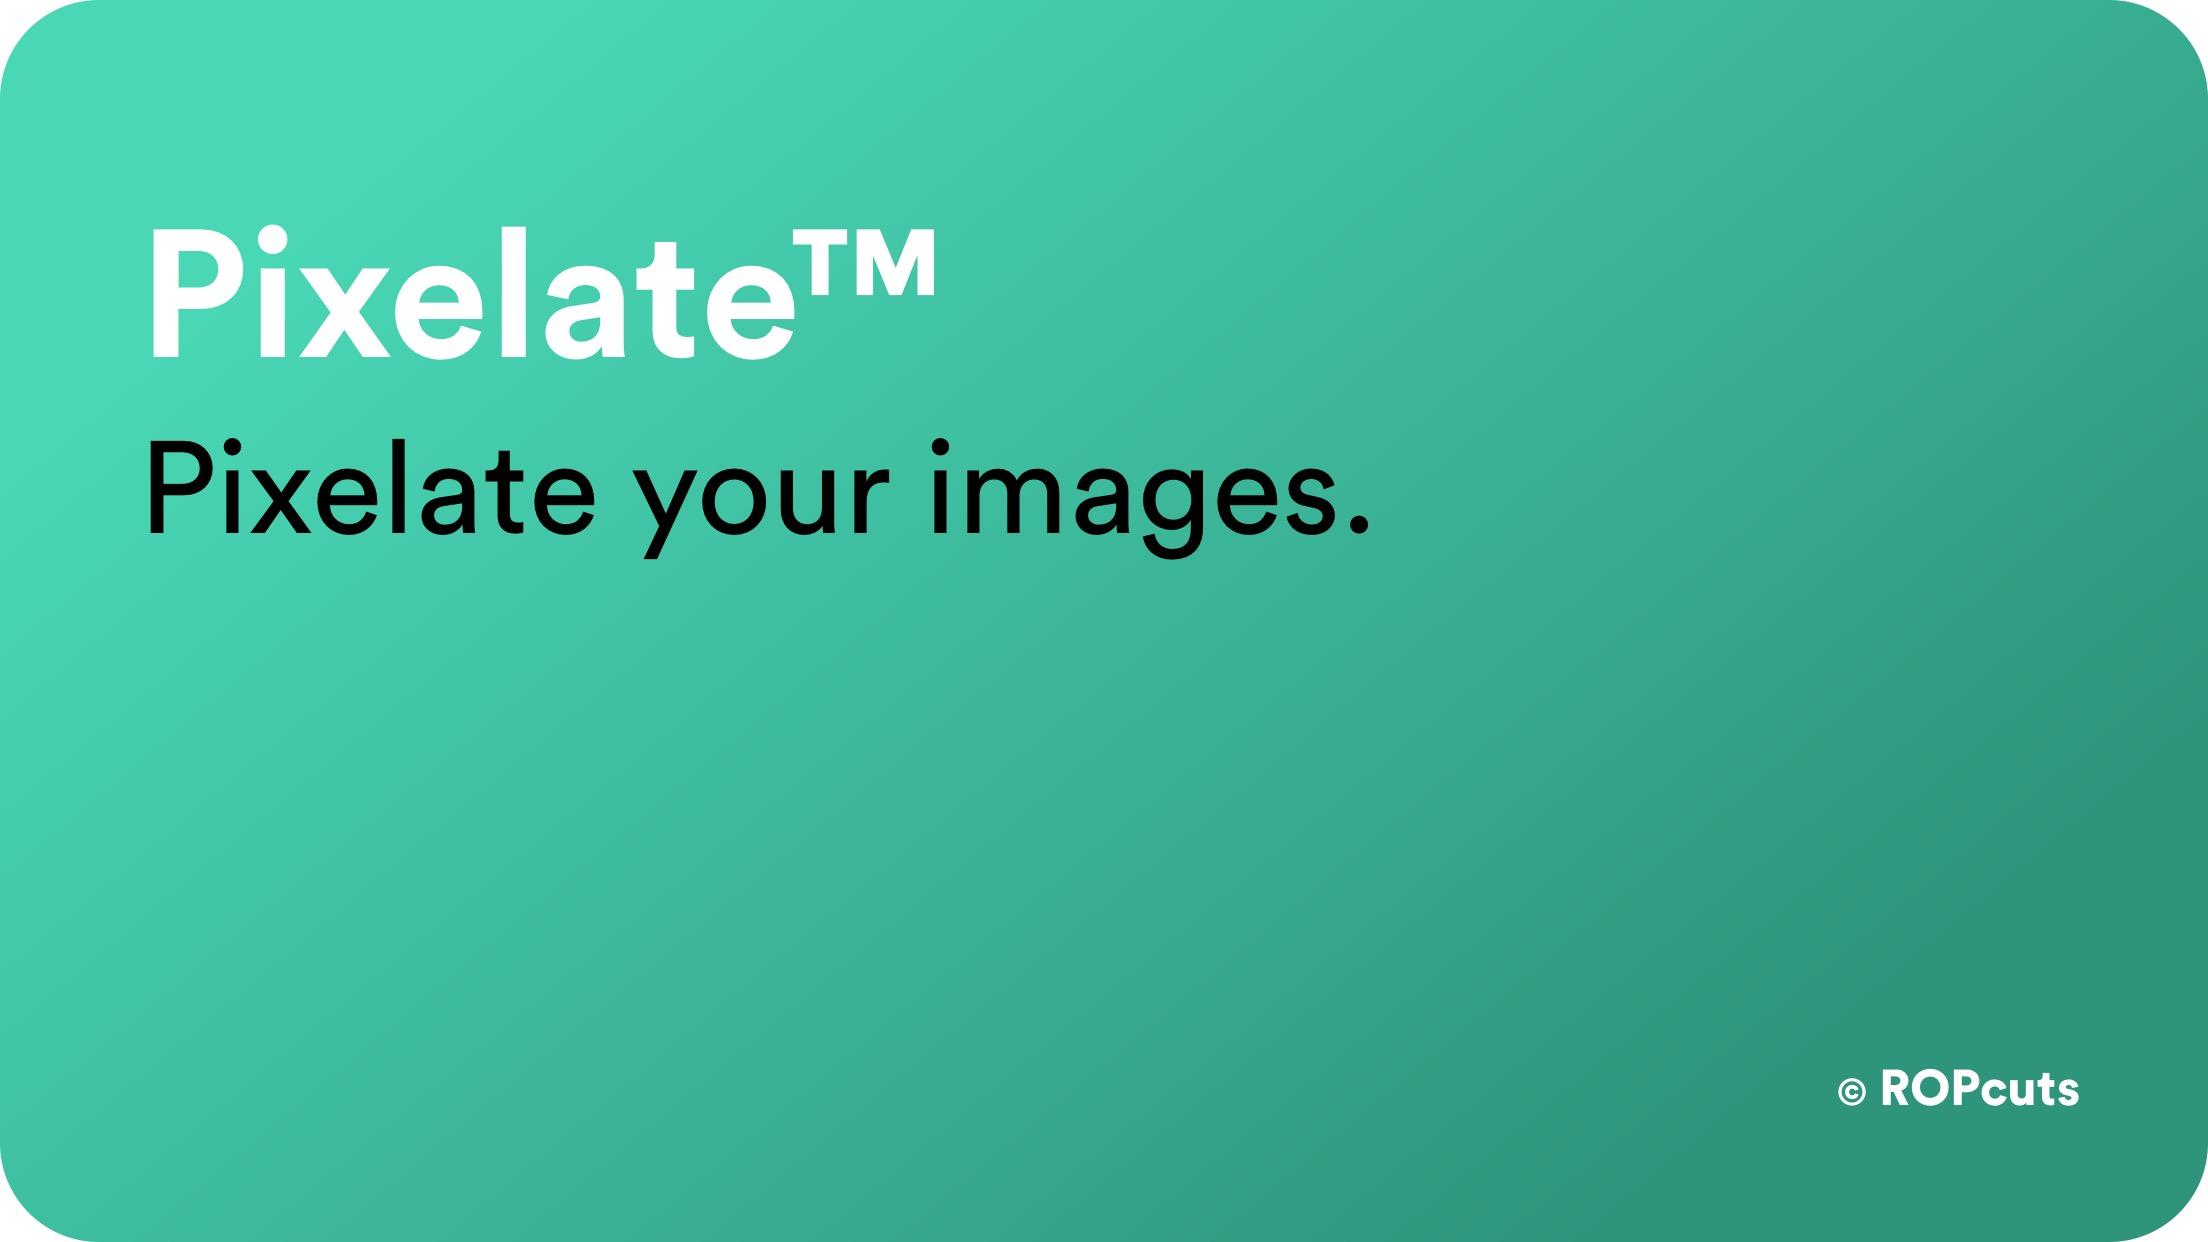 Pixelate™